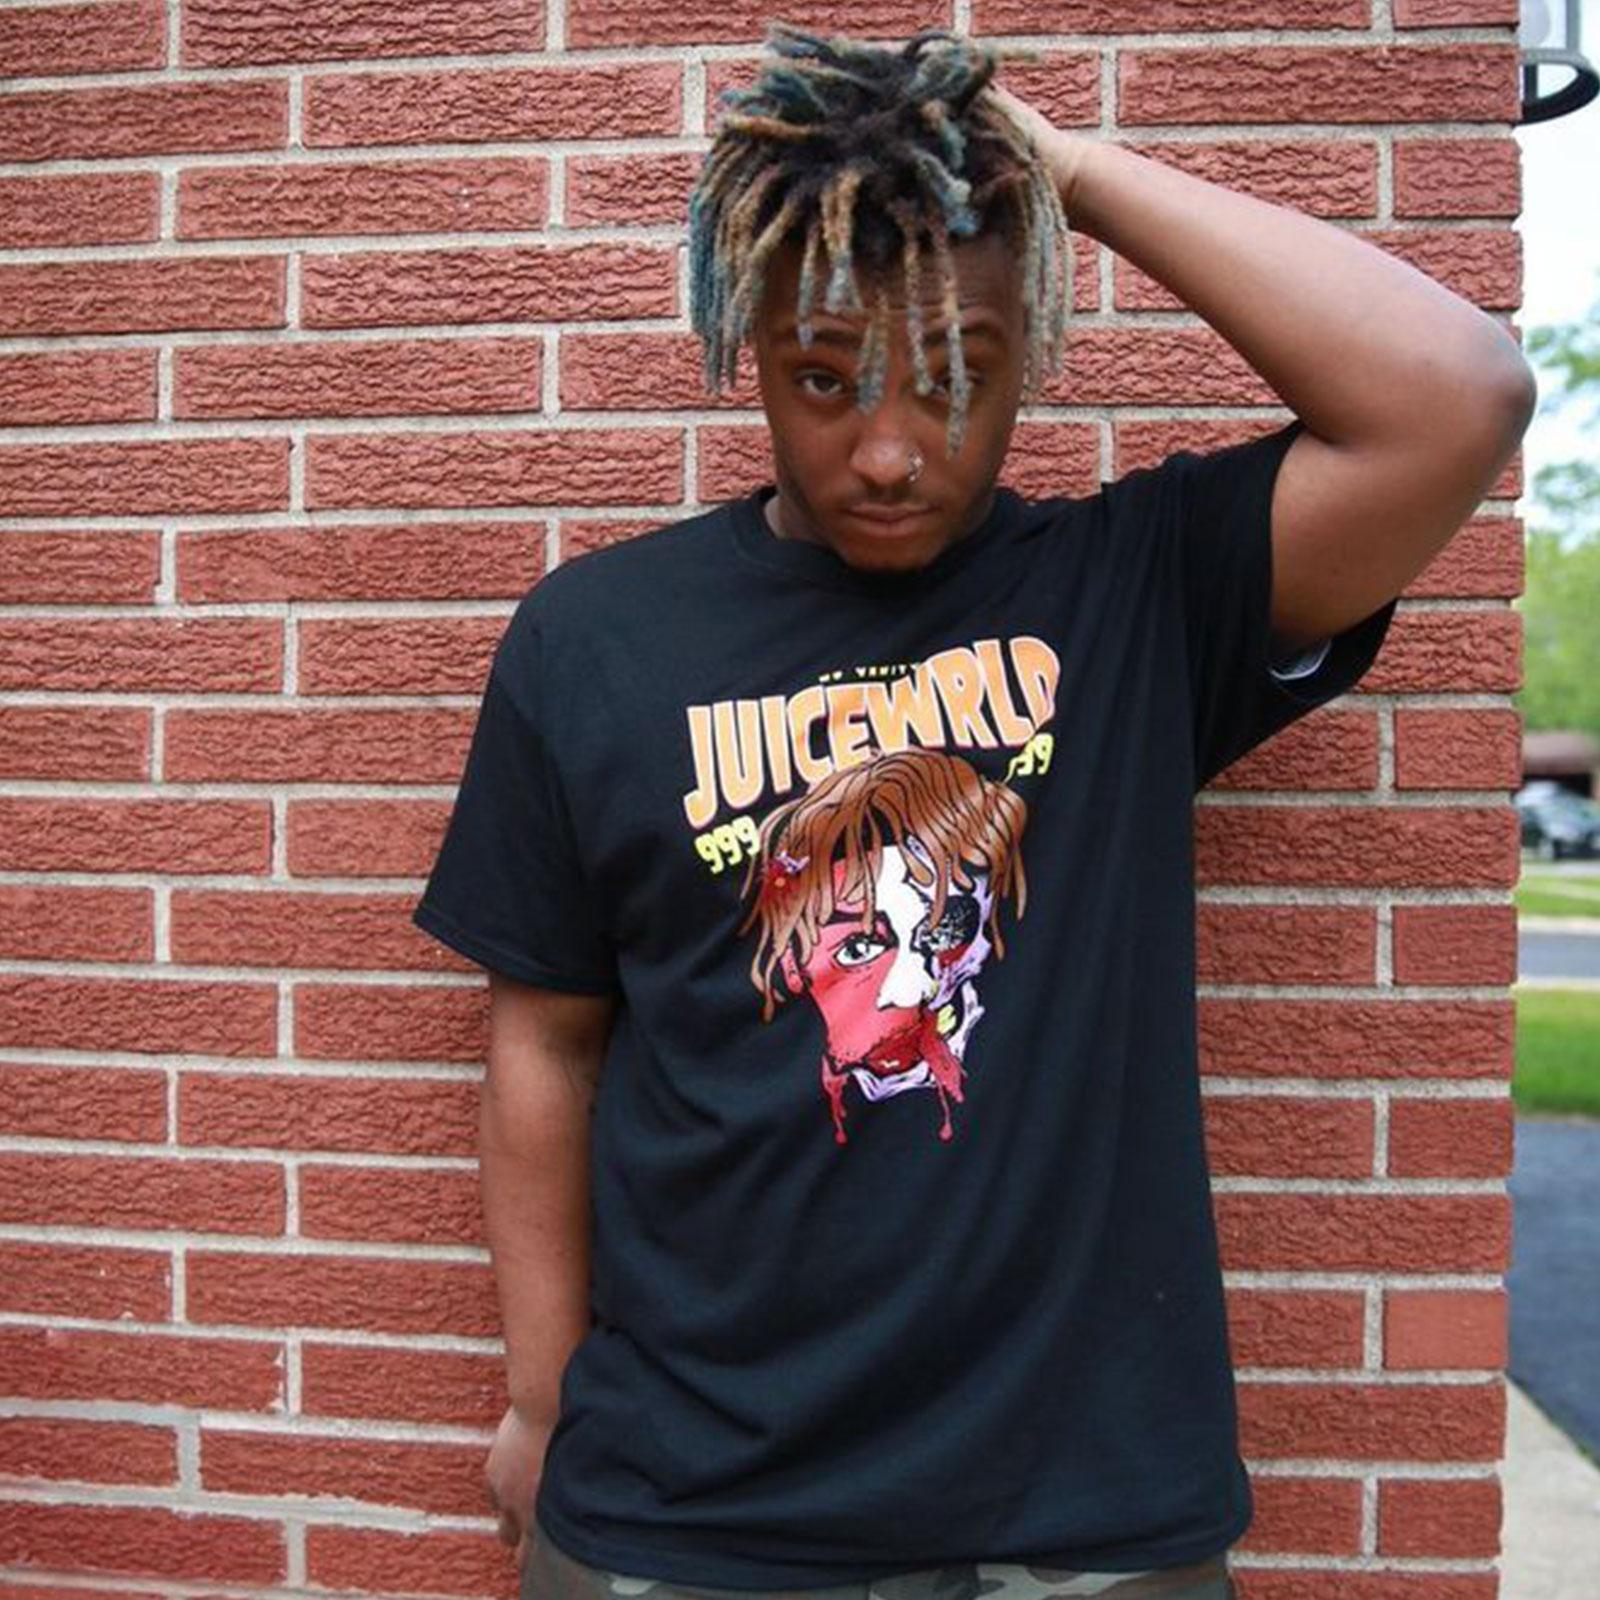 Juice Wrld Merch T Shirt